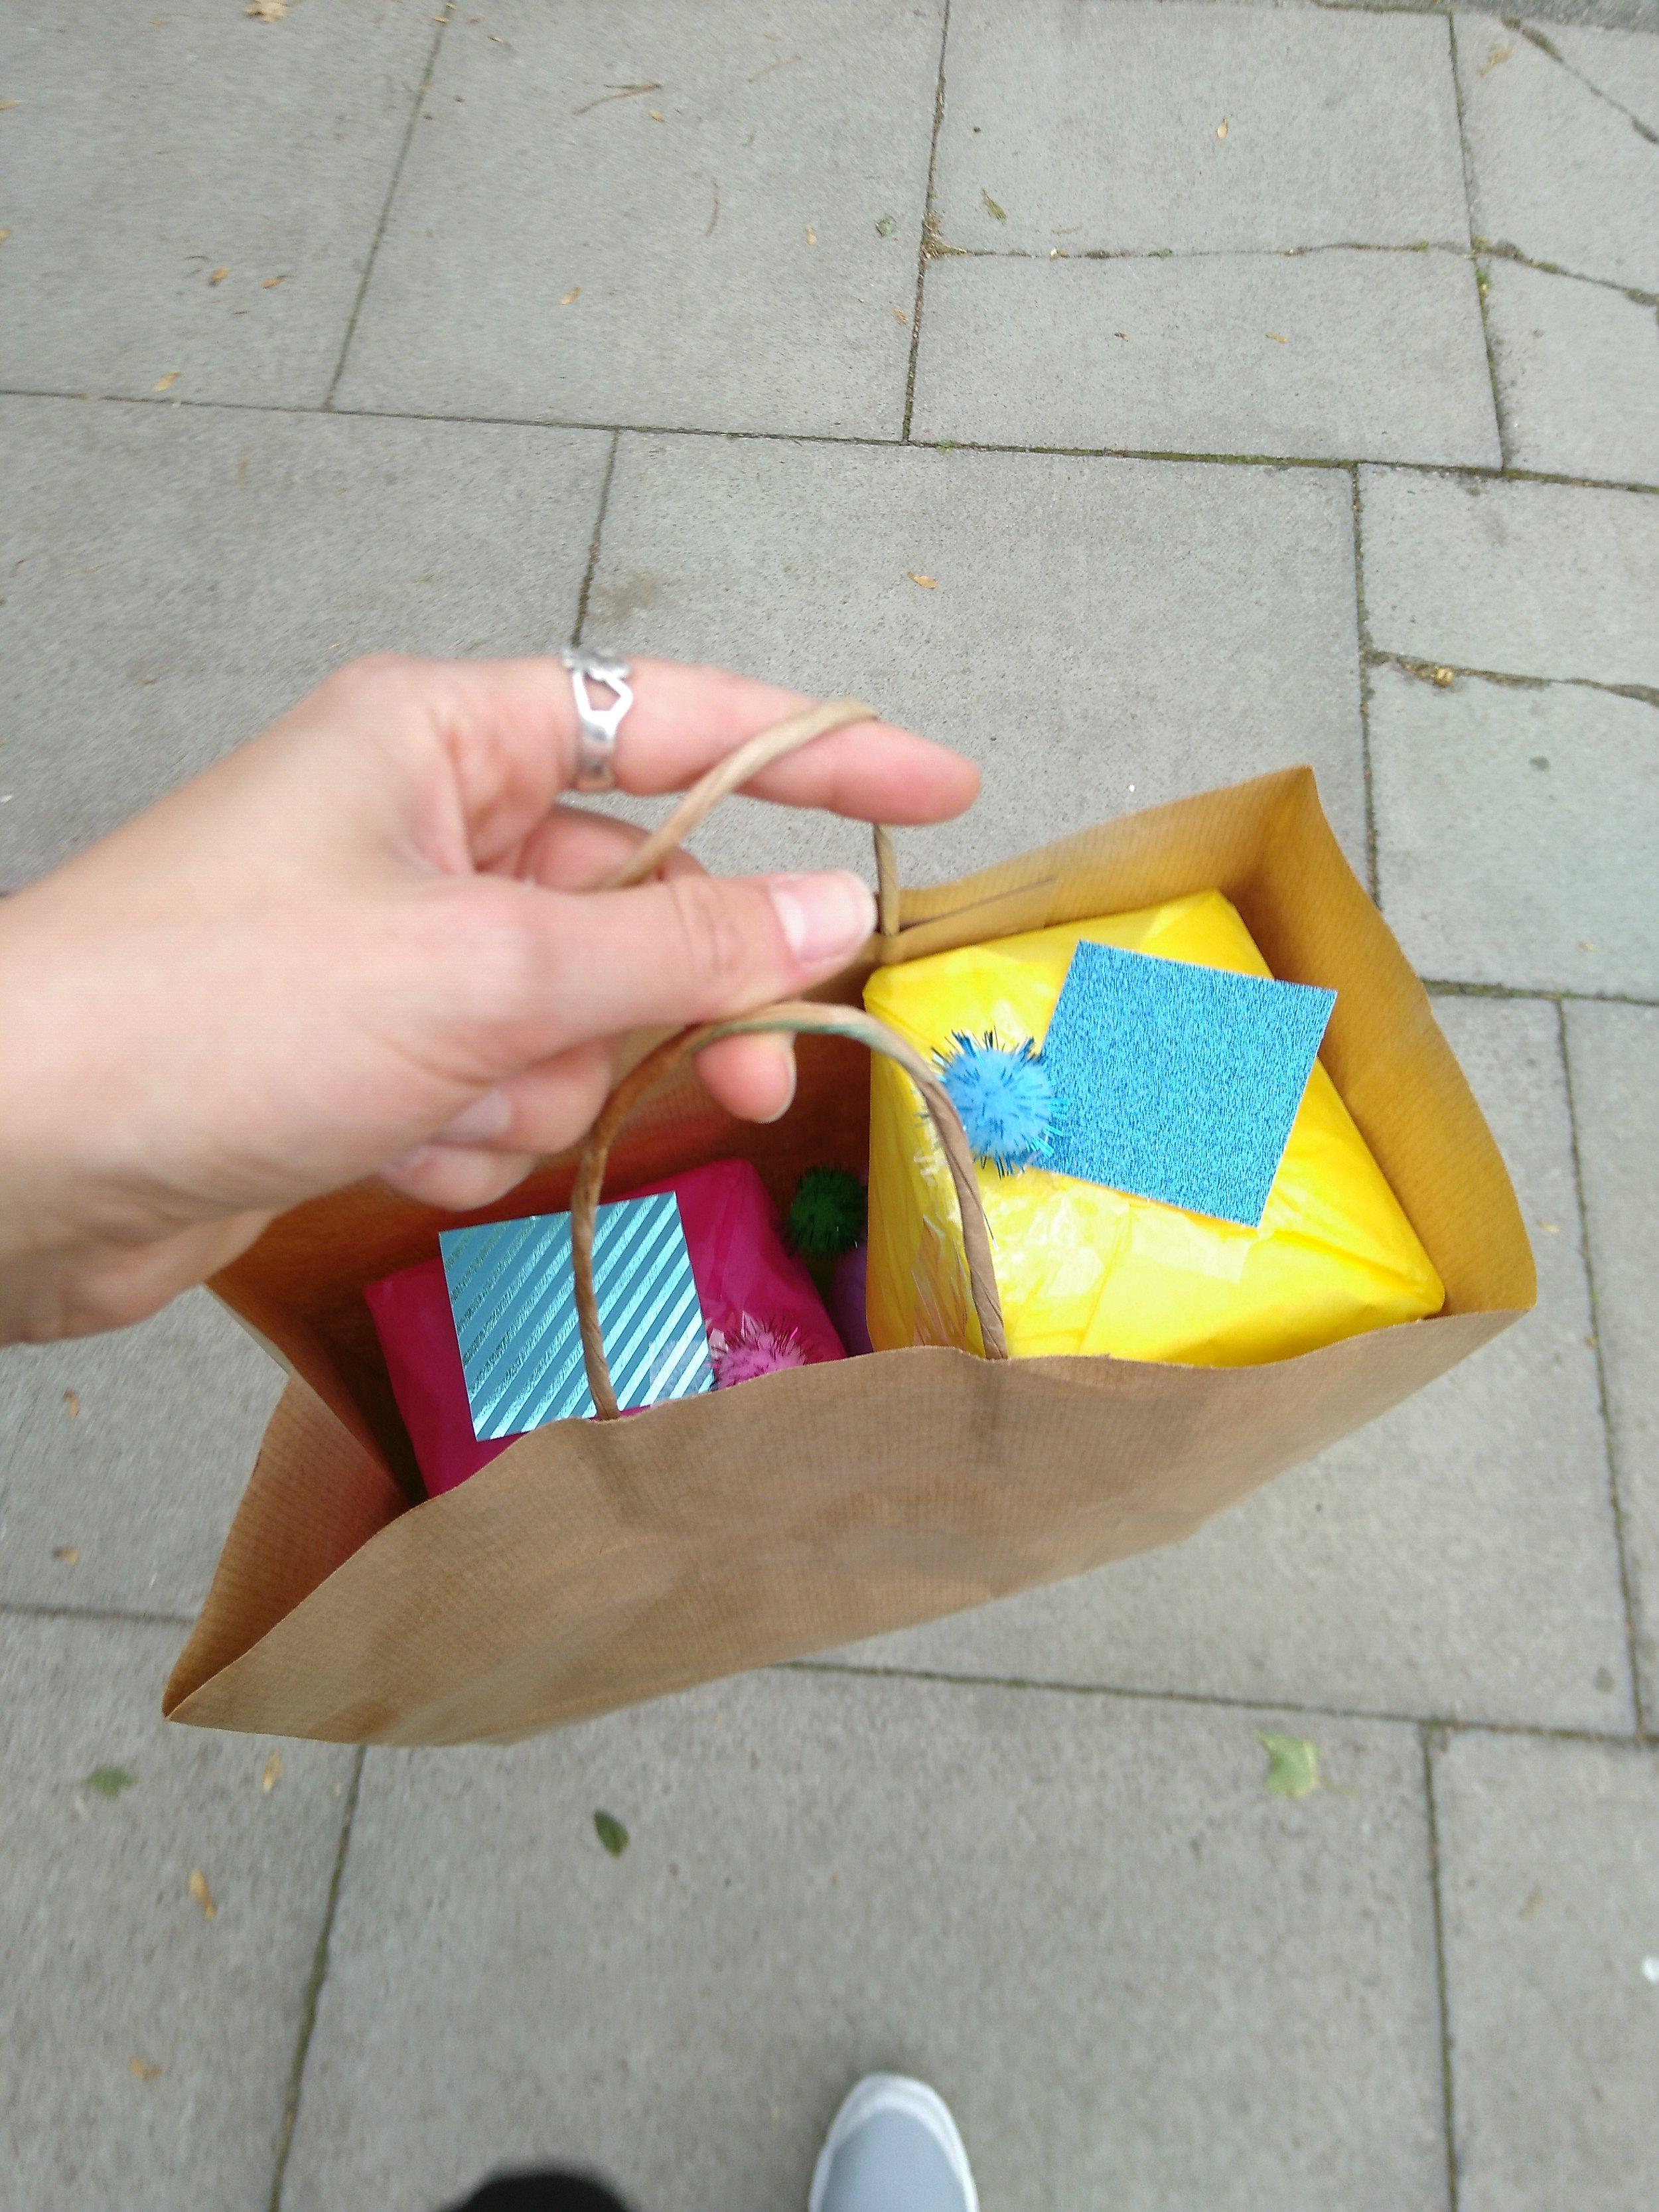 Delivering our Peace Parcels!